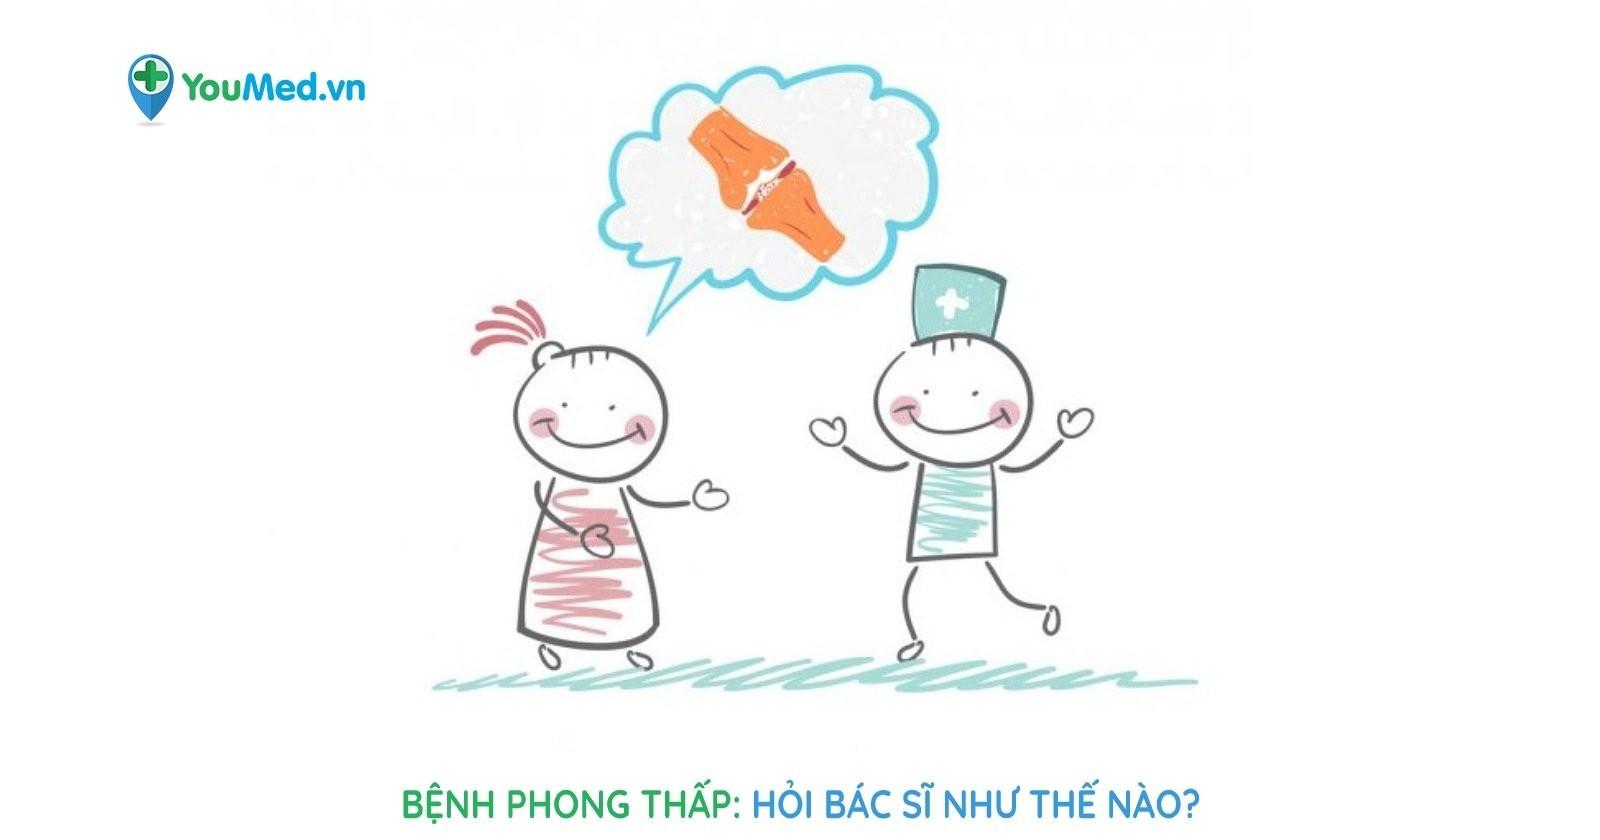 Bệnh Phong thấp: hỏi bác sĩ như thế nào?